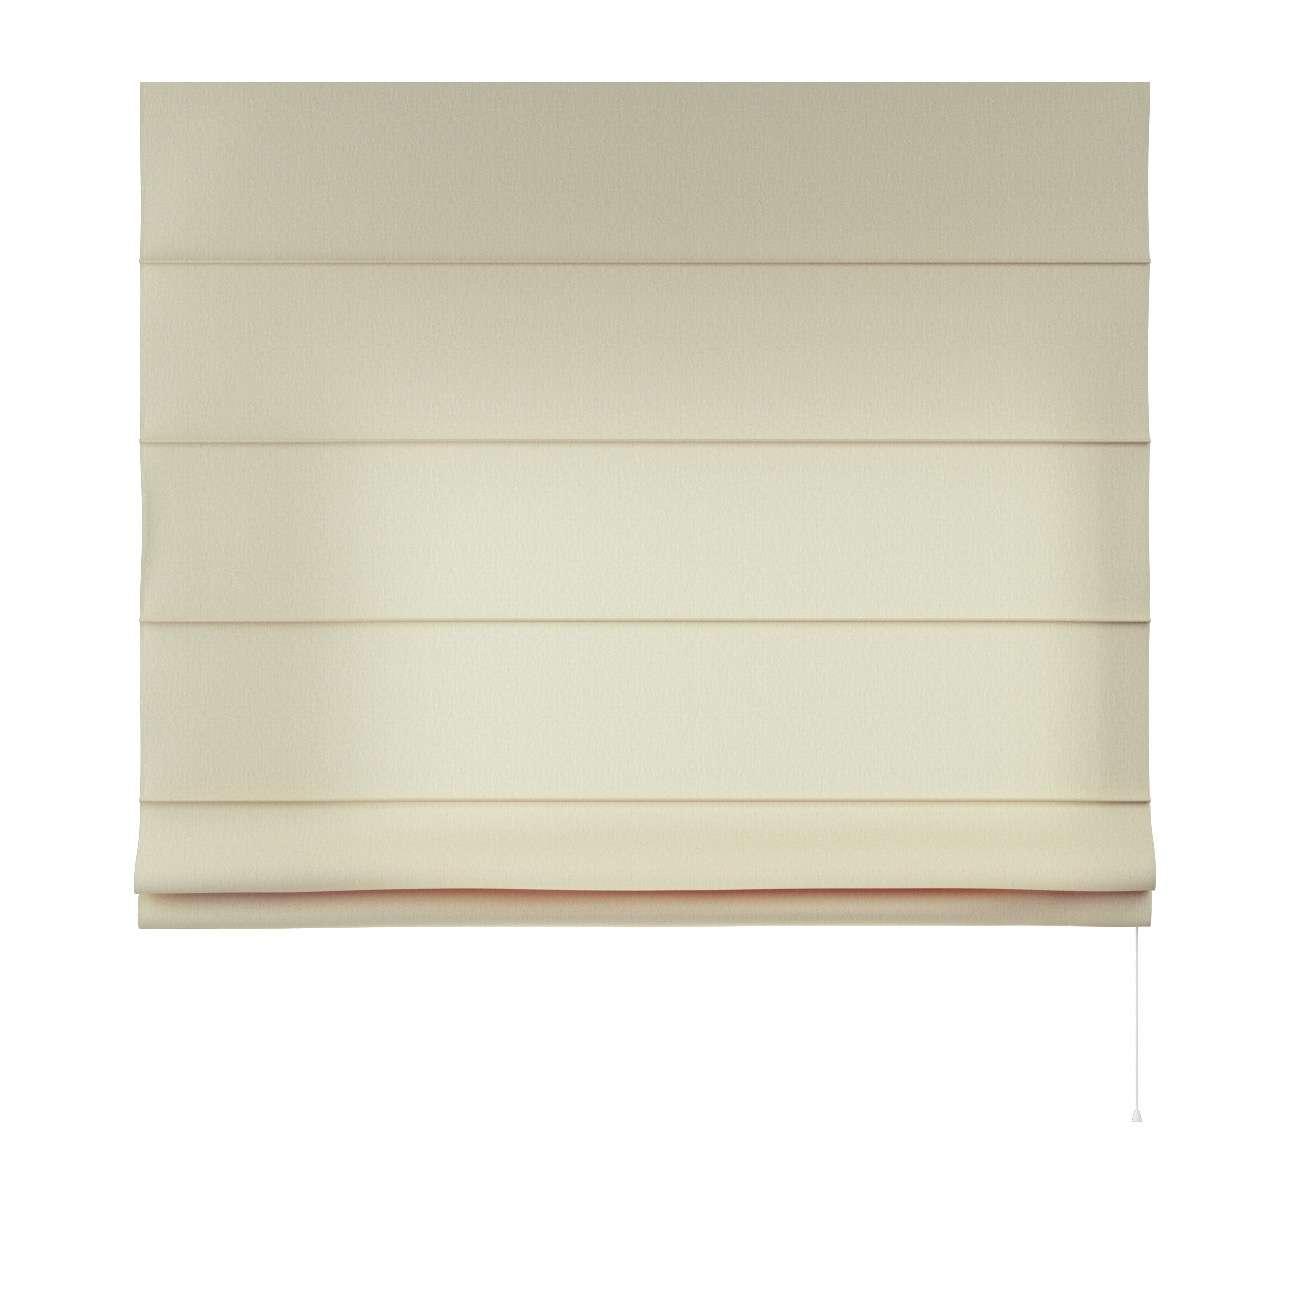 Romanetės Capri 80 x 170 cm (plotis x ilgis) kolekcijoje Chenille, audinys: 702-22